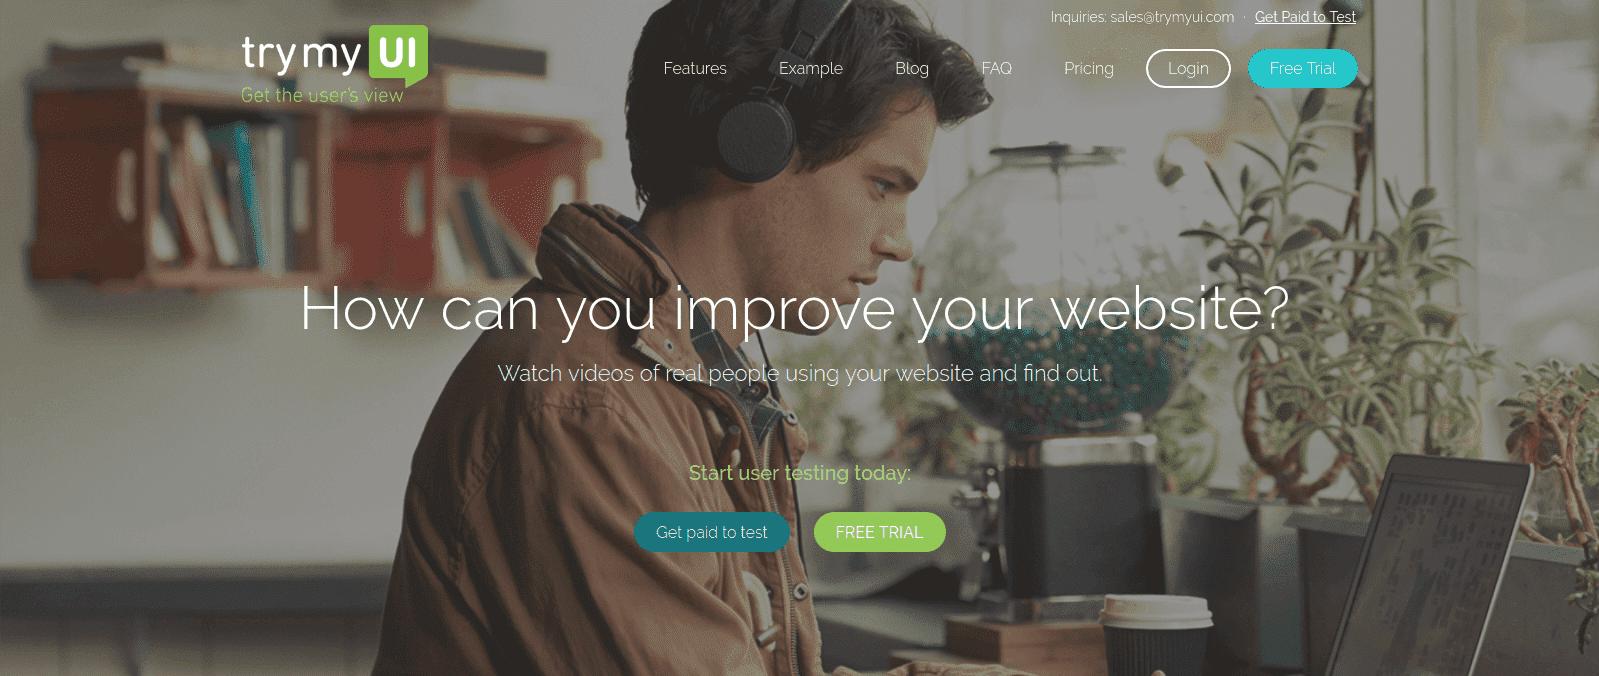 Menjadi tester website merupakan cara menghasilkan uang dari internet yang menjanjikan.